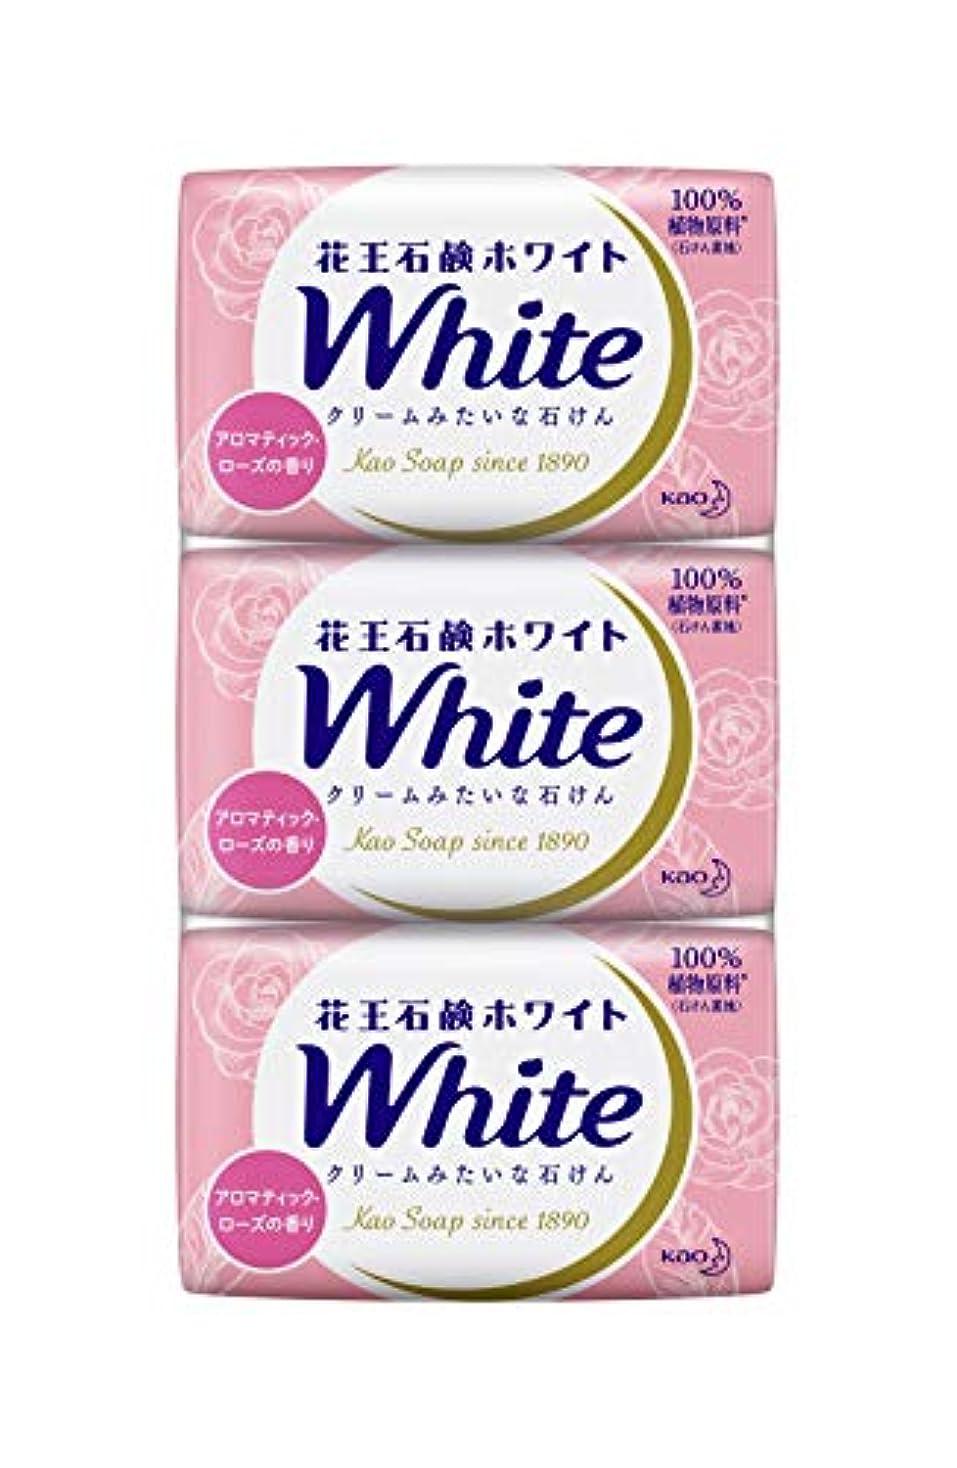 とにかく階テクニカル花王ホワイト アロマティックローズの香り レギュラーサイズ3コ